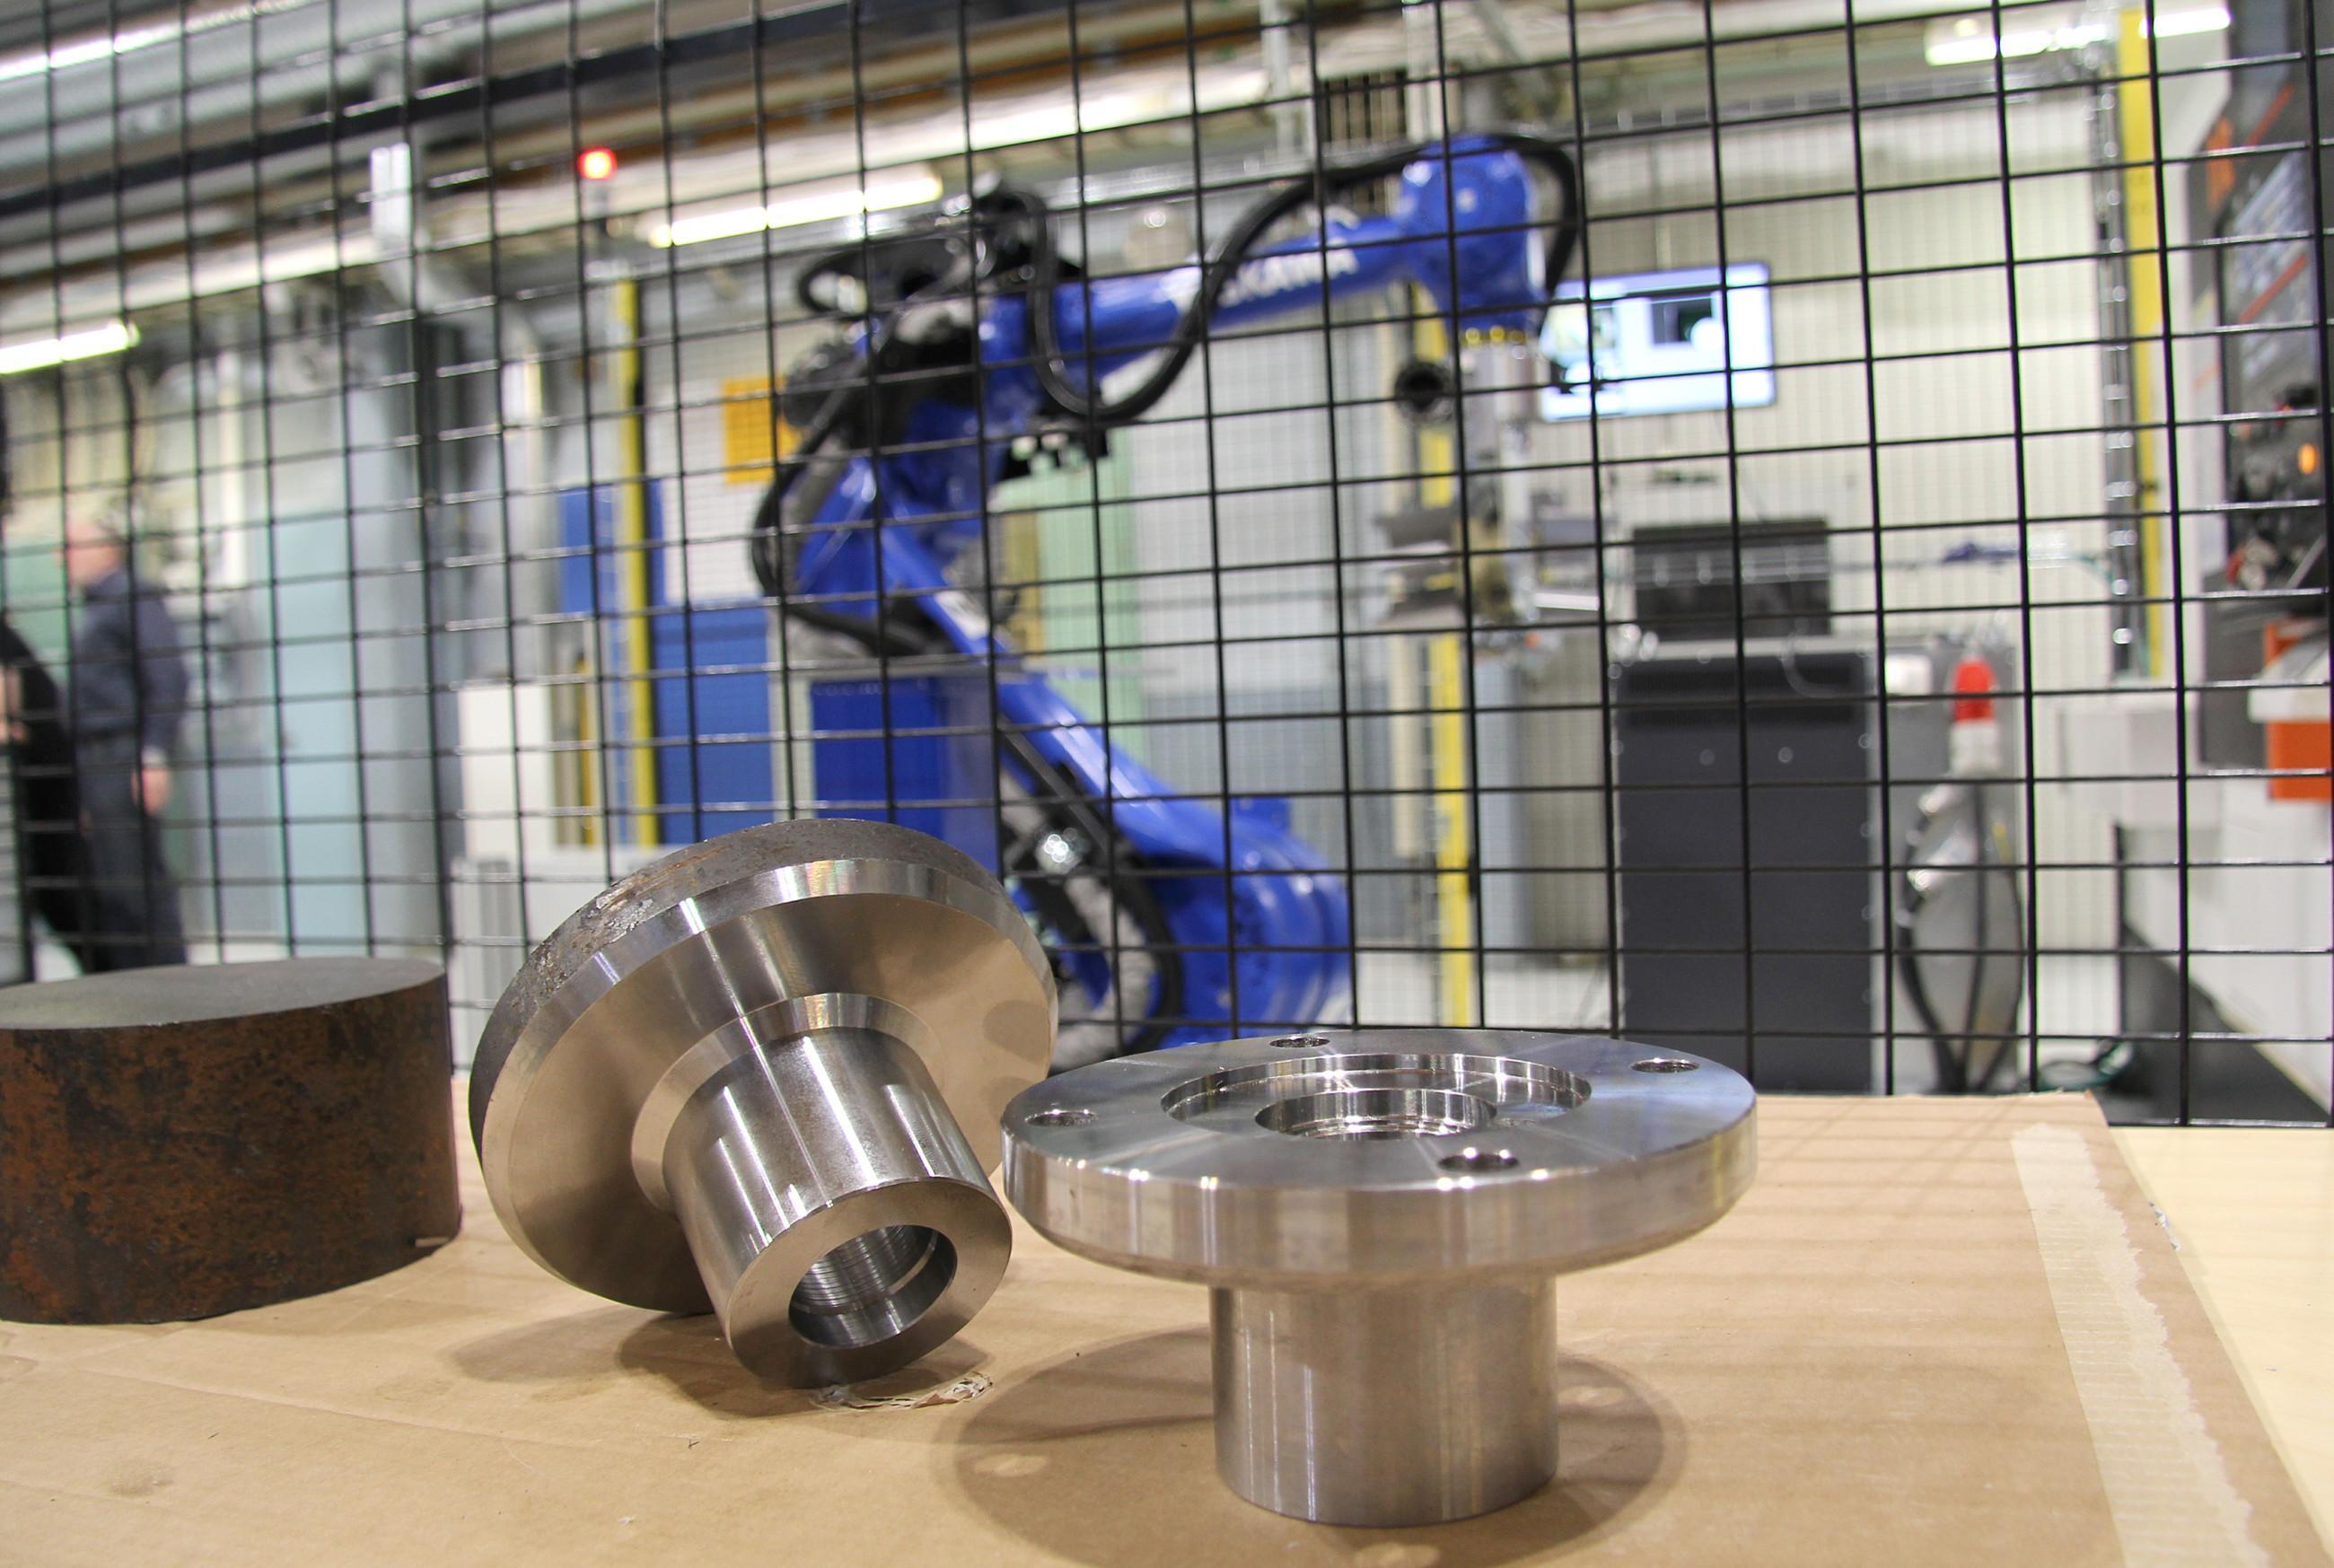 Kuvassa etualalla metalliosia, taustalla verkkoaidan takana sininen teollisuusrobotti.